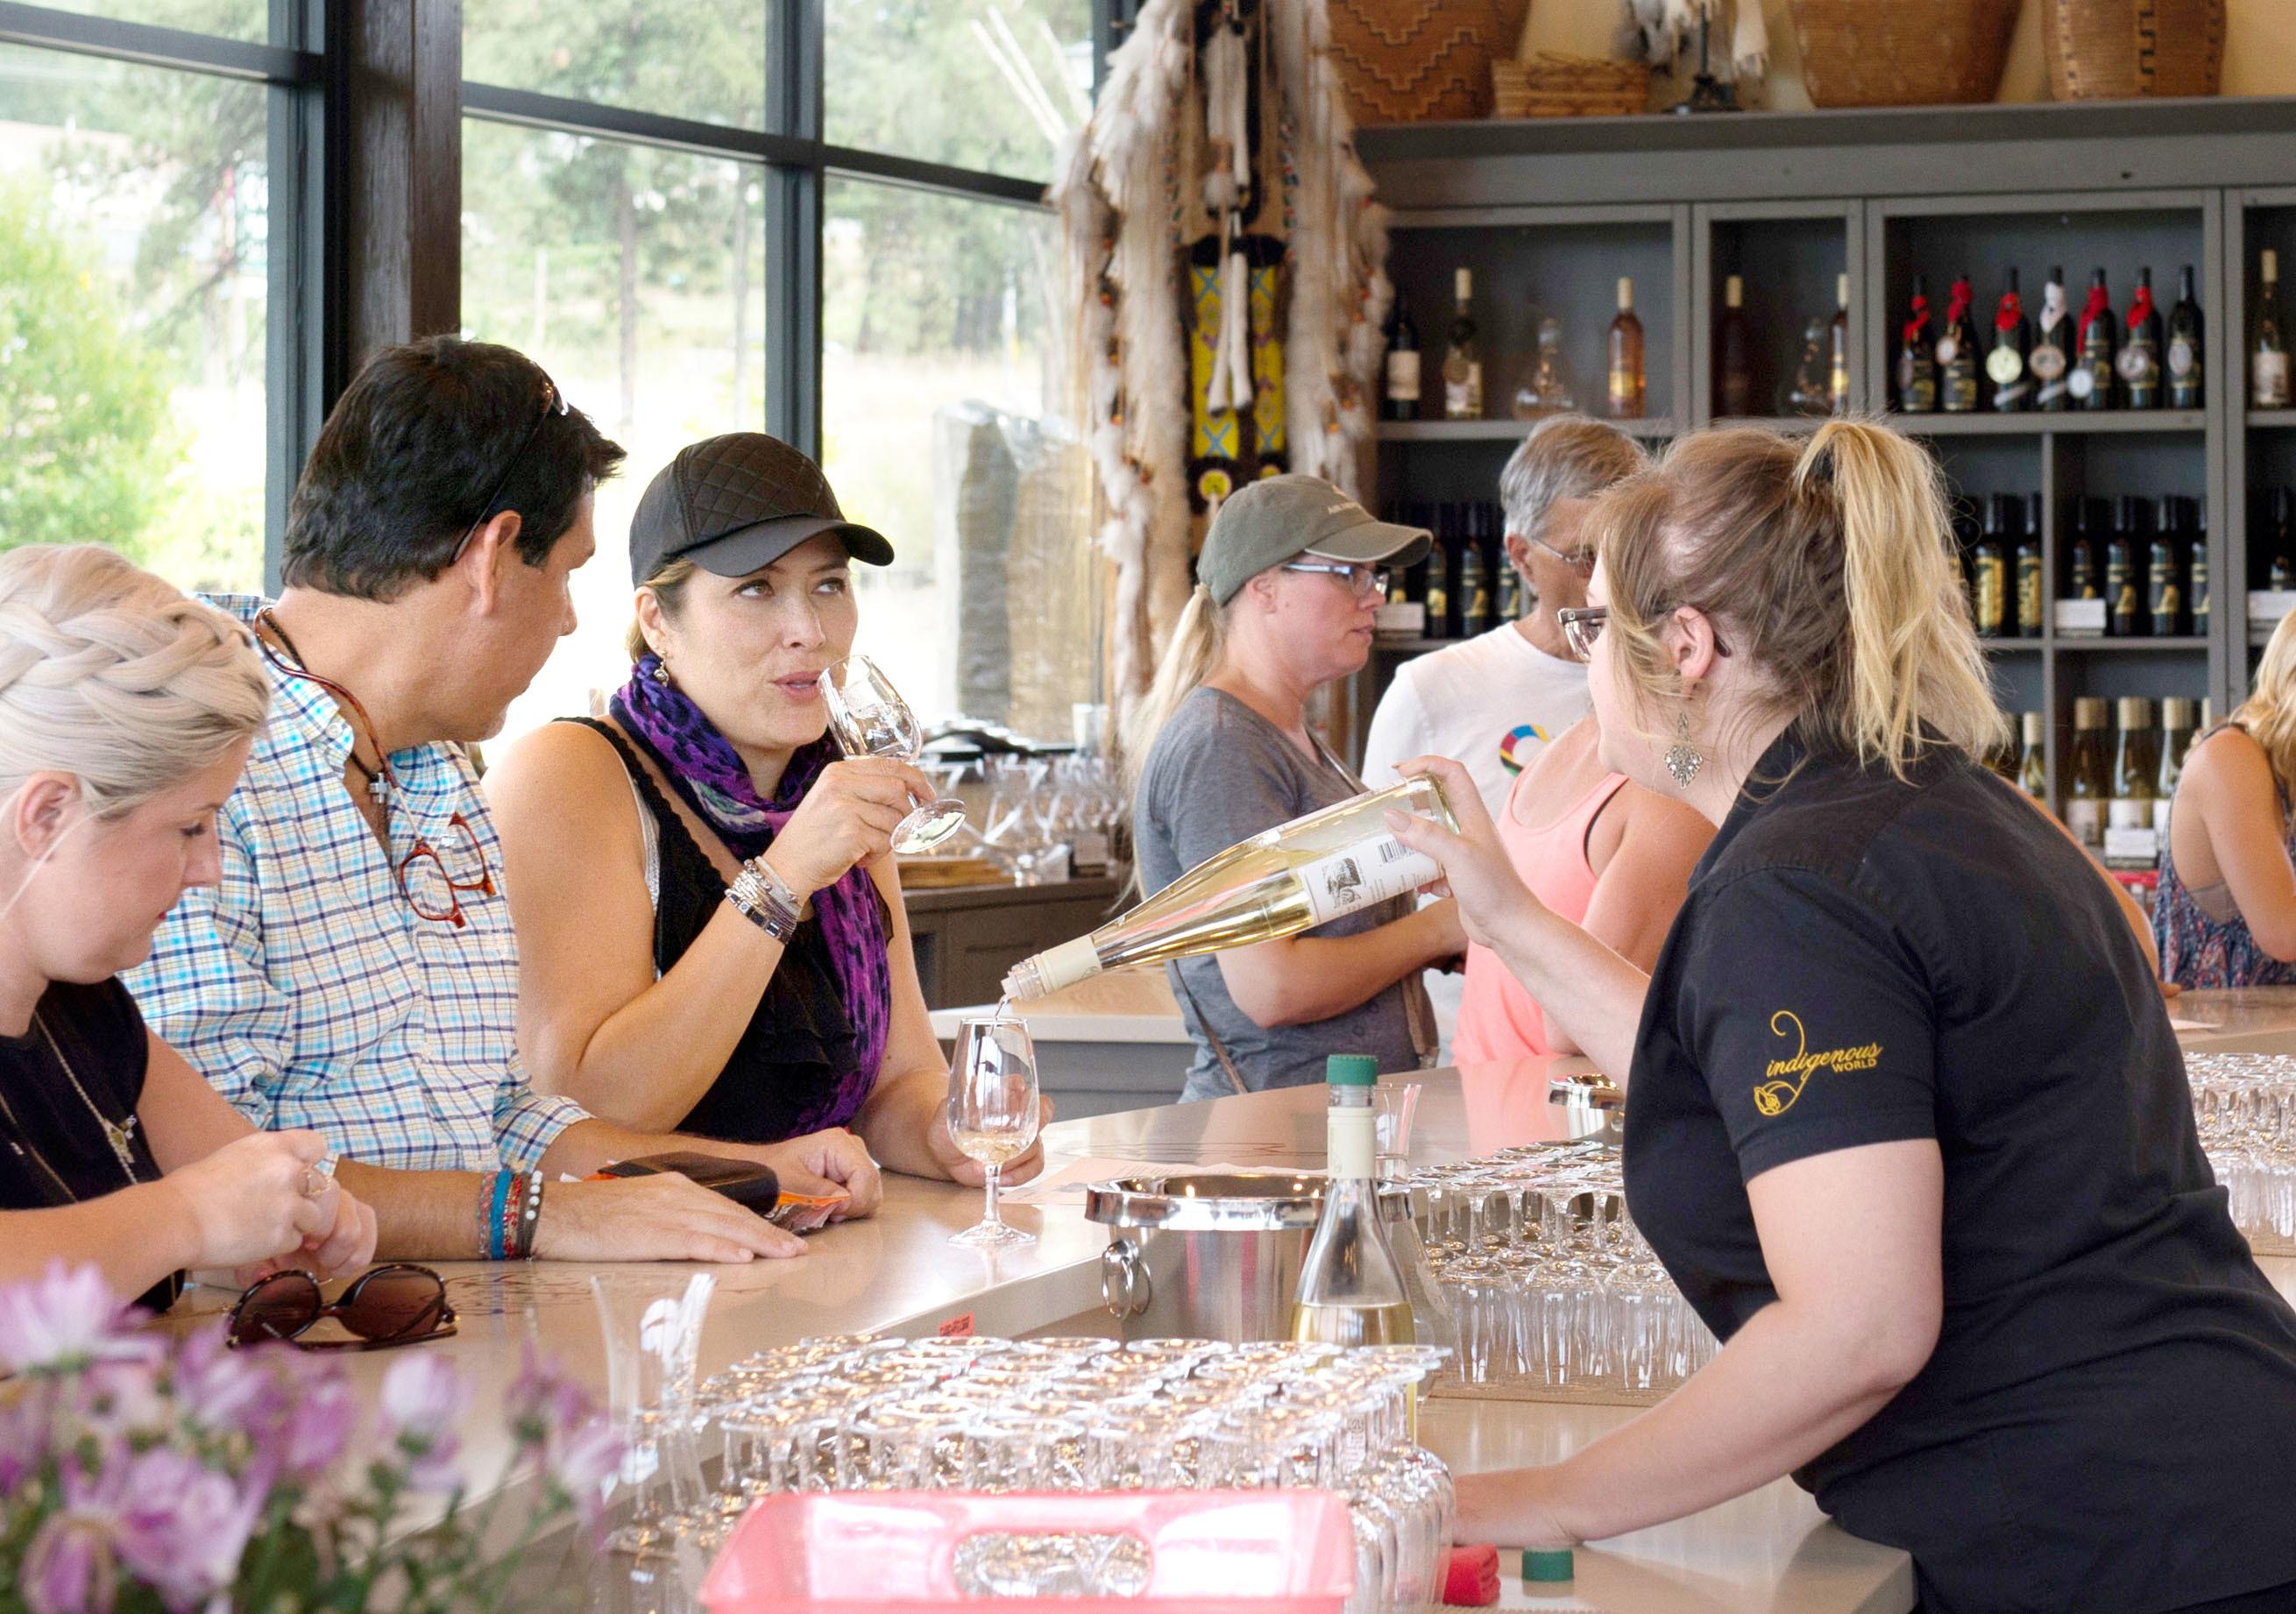 ワイナリーには販売のコーナーもあり、試飲を楽しむ観光客らでにぎわう=カナダ西部ブリティッシュコロンビア州オカナガン地方(撮影・鍋島明子、共同)